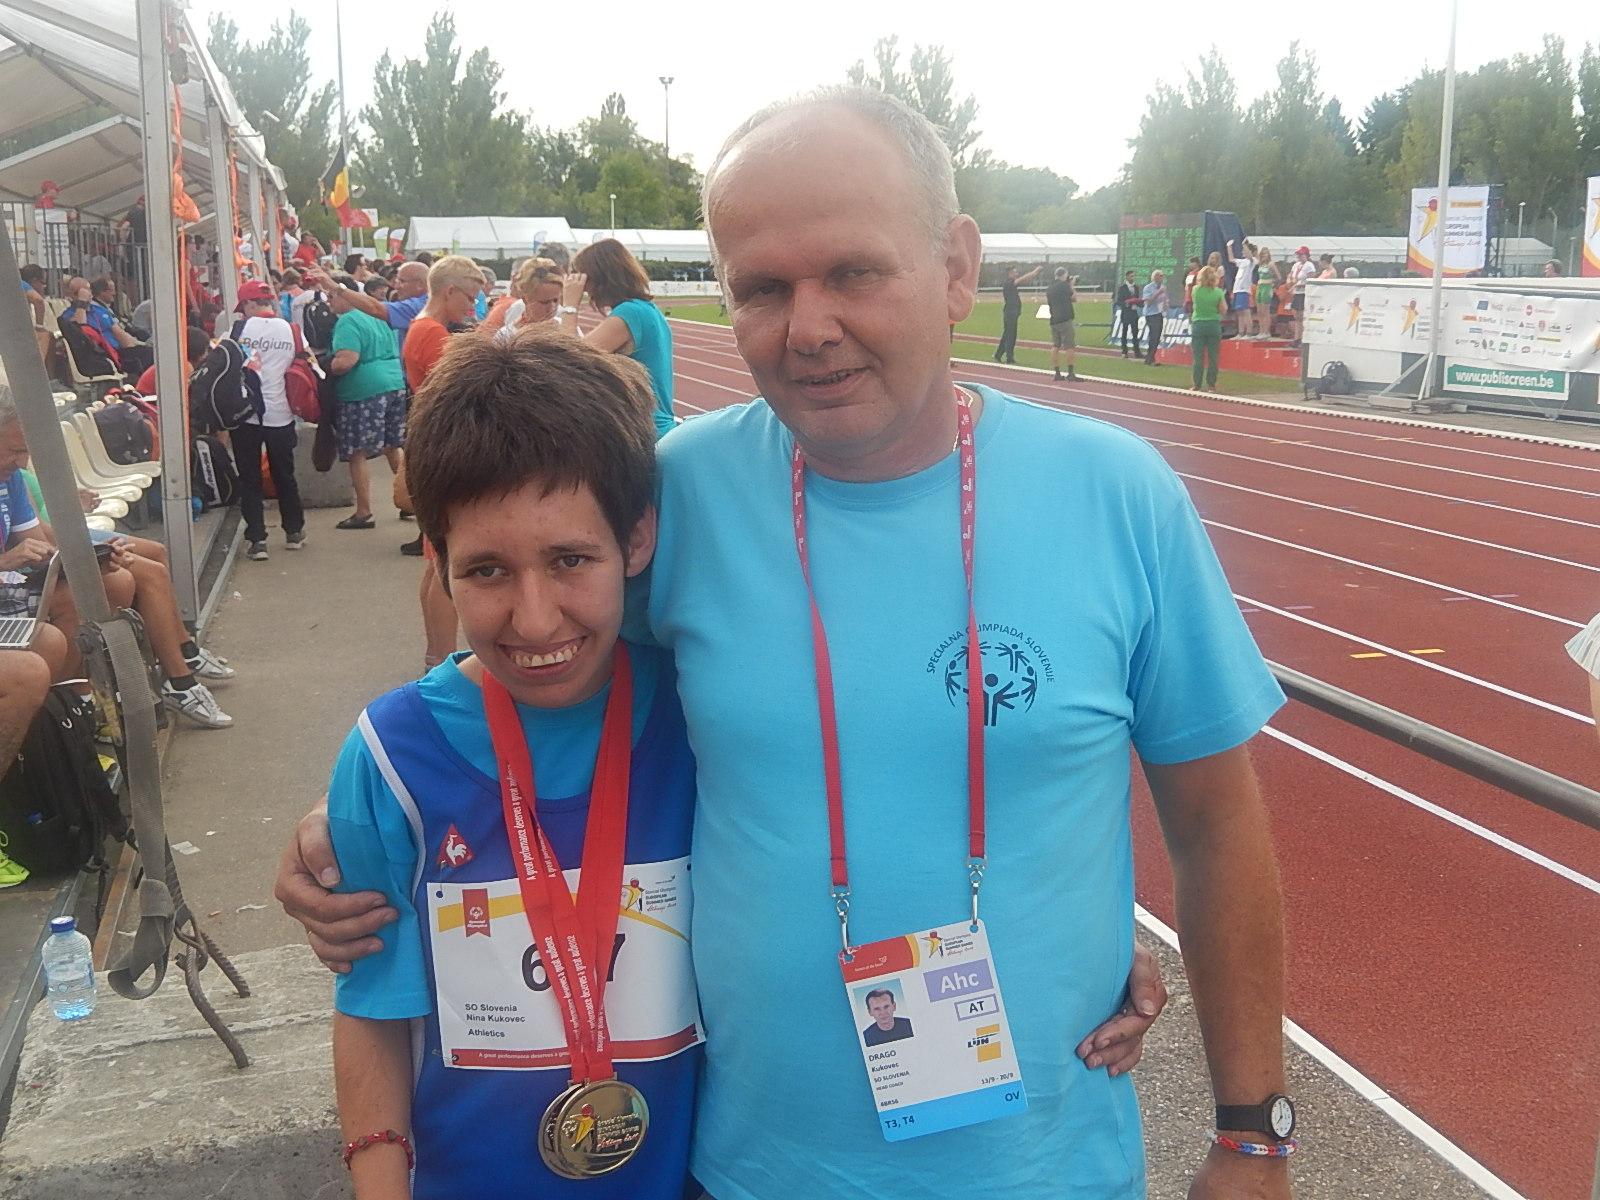 Ormožanka NINA KUKOVEC na specialni olimpiadi v Belgiji osvojila ZLATO